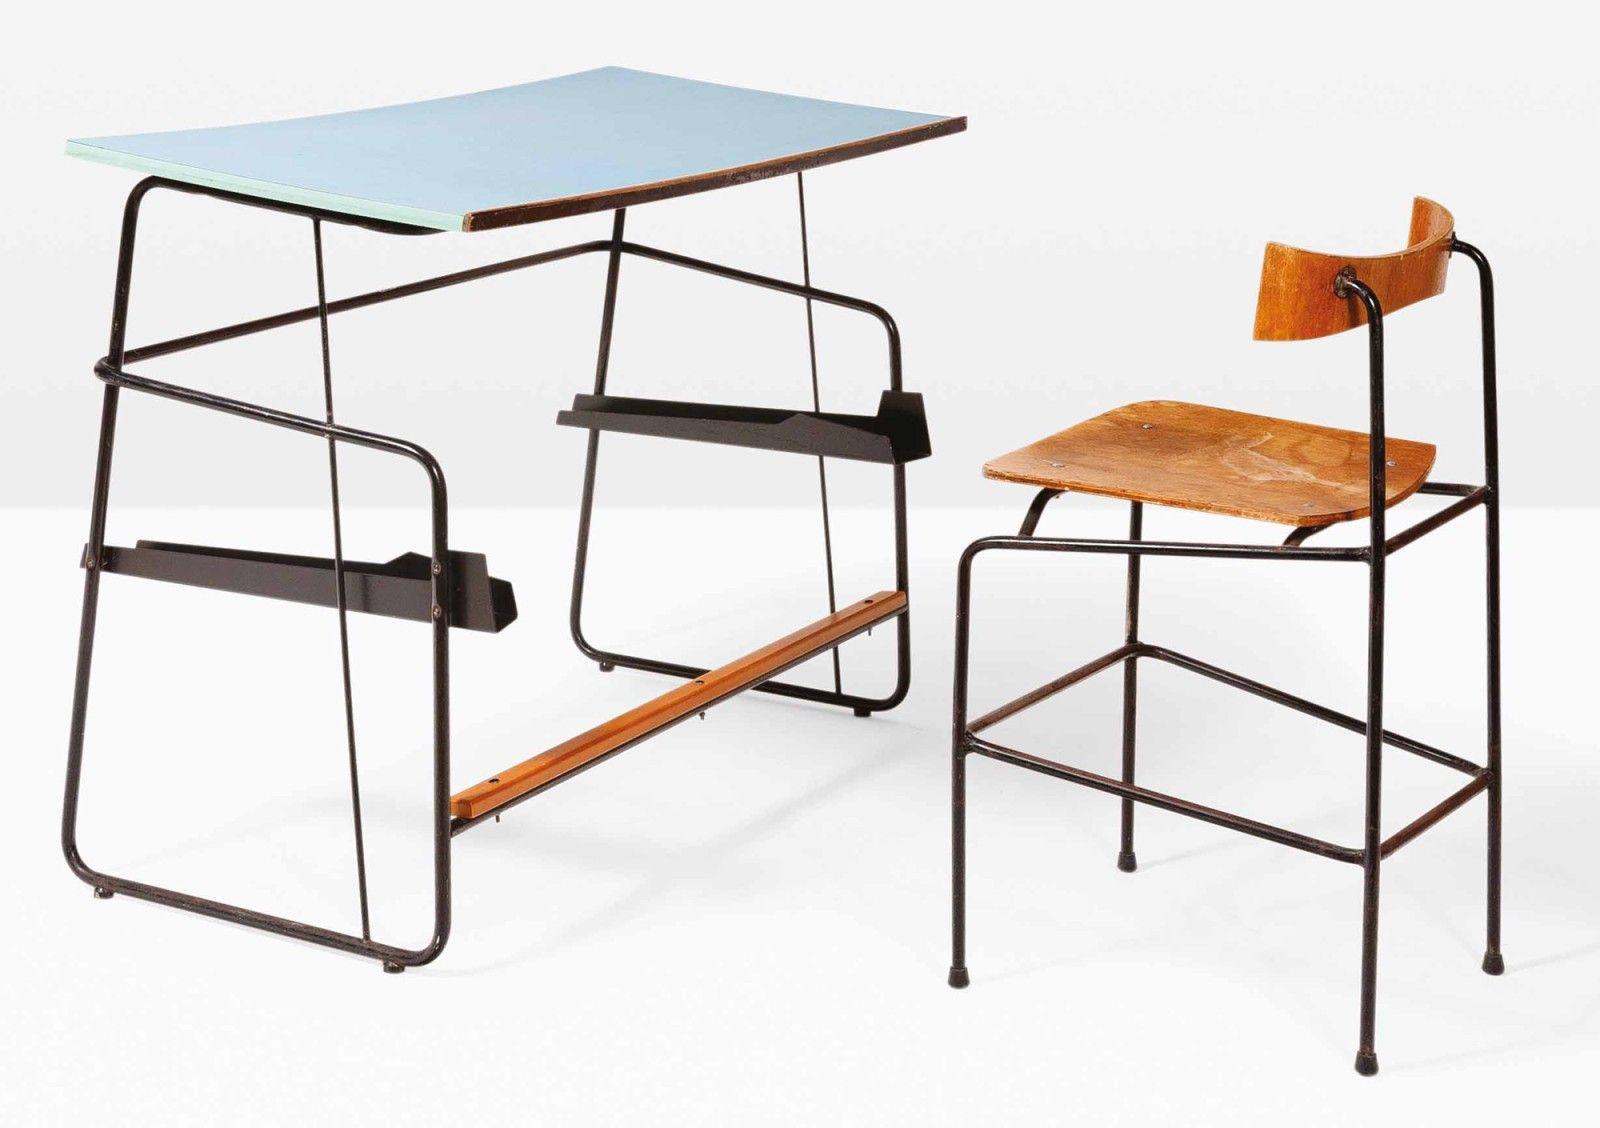 Mobilier De L Universite De Gand Table Basse Meuble Design Mobilier